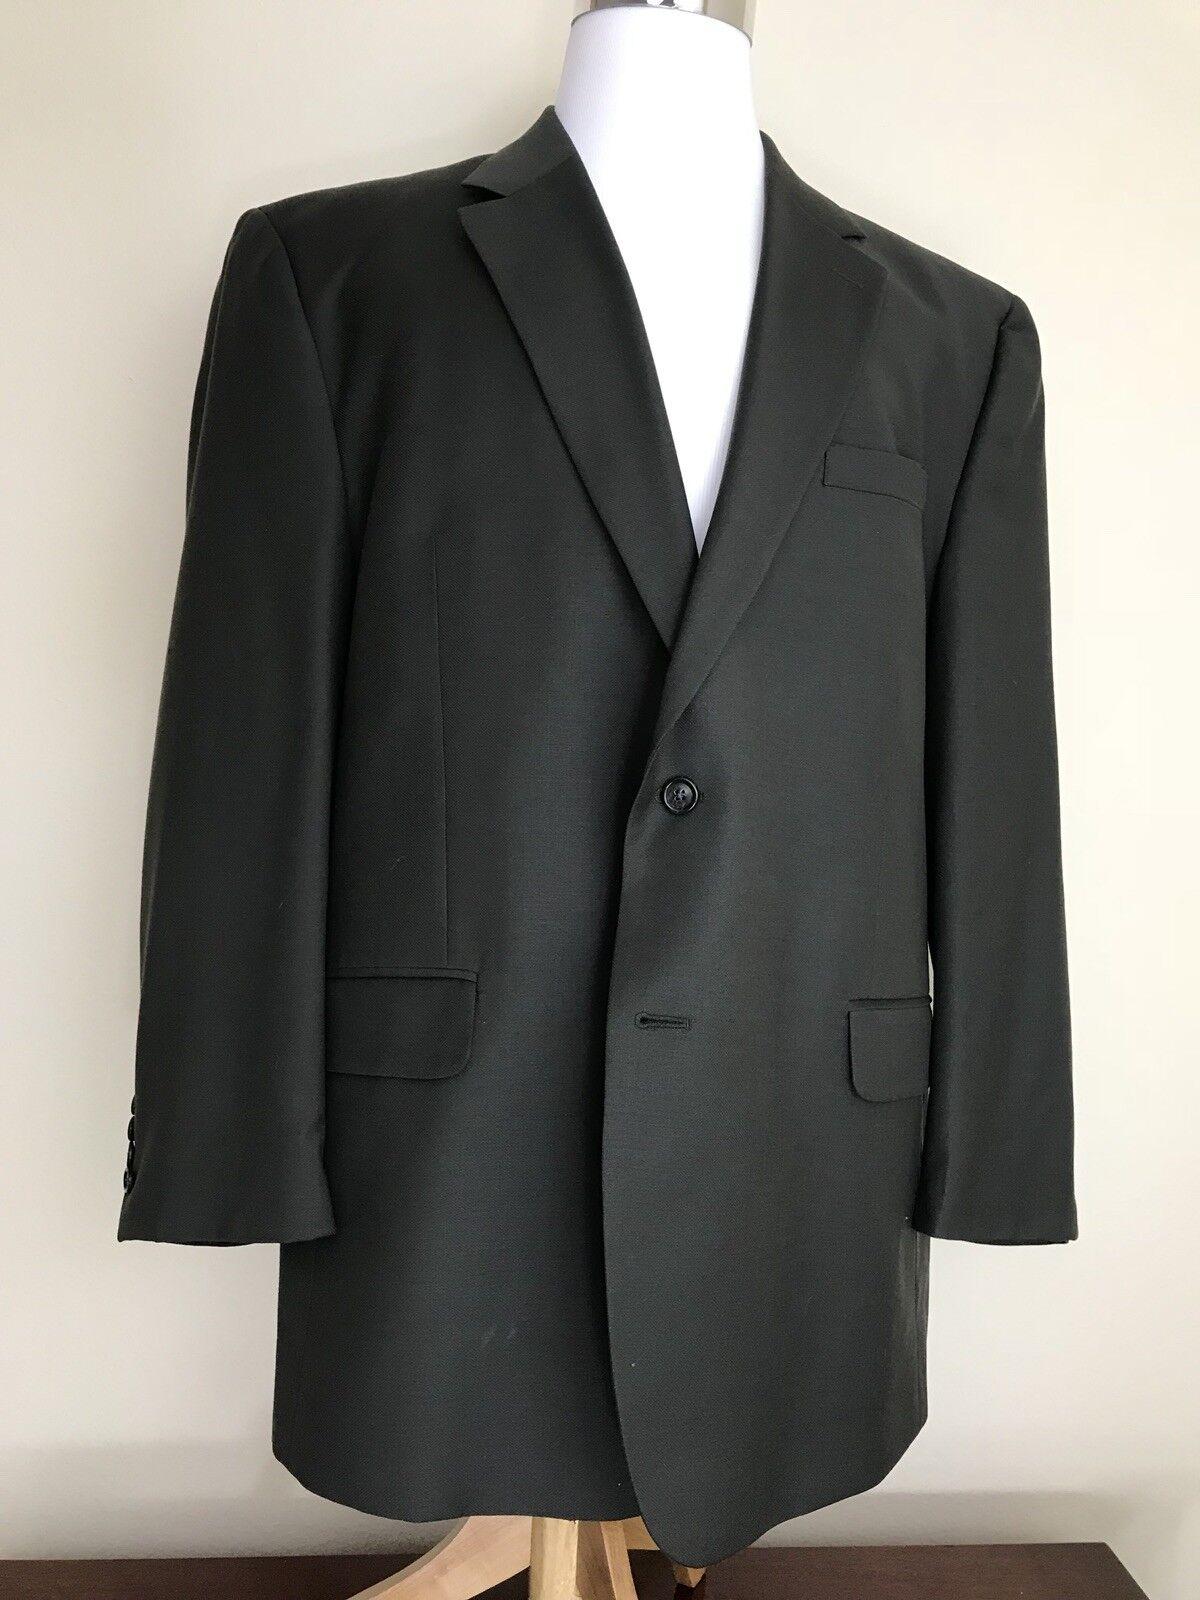 Jos A Bank Dark Olive Wool Sport Coat Blazer  Herren 48R 2 Button   L11 c